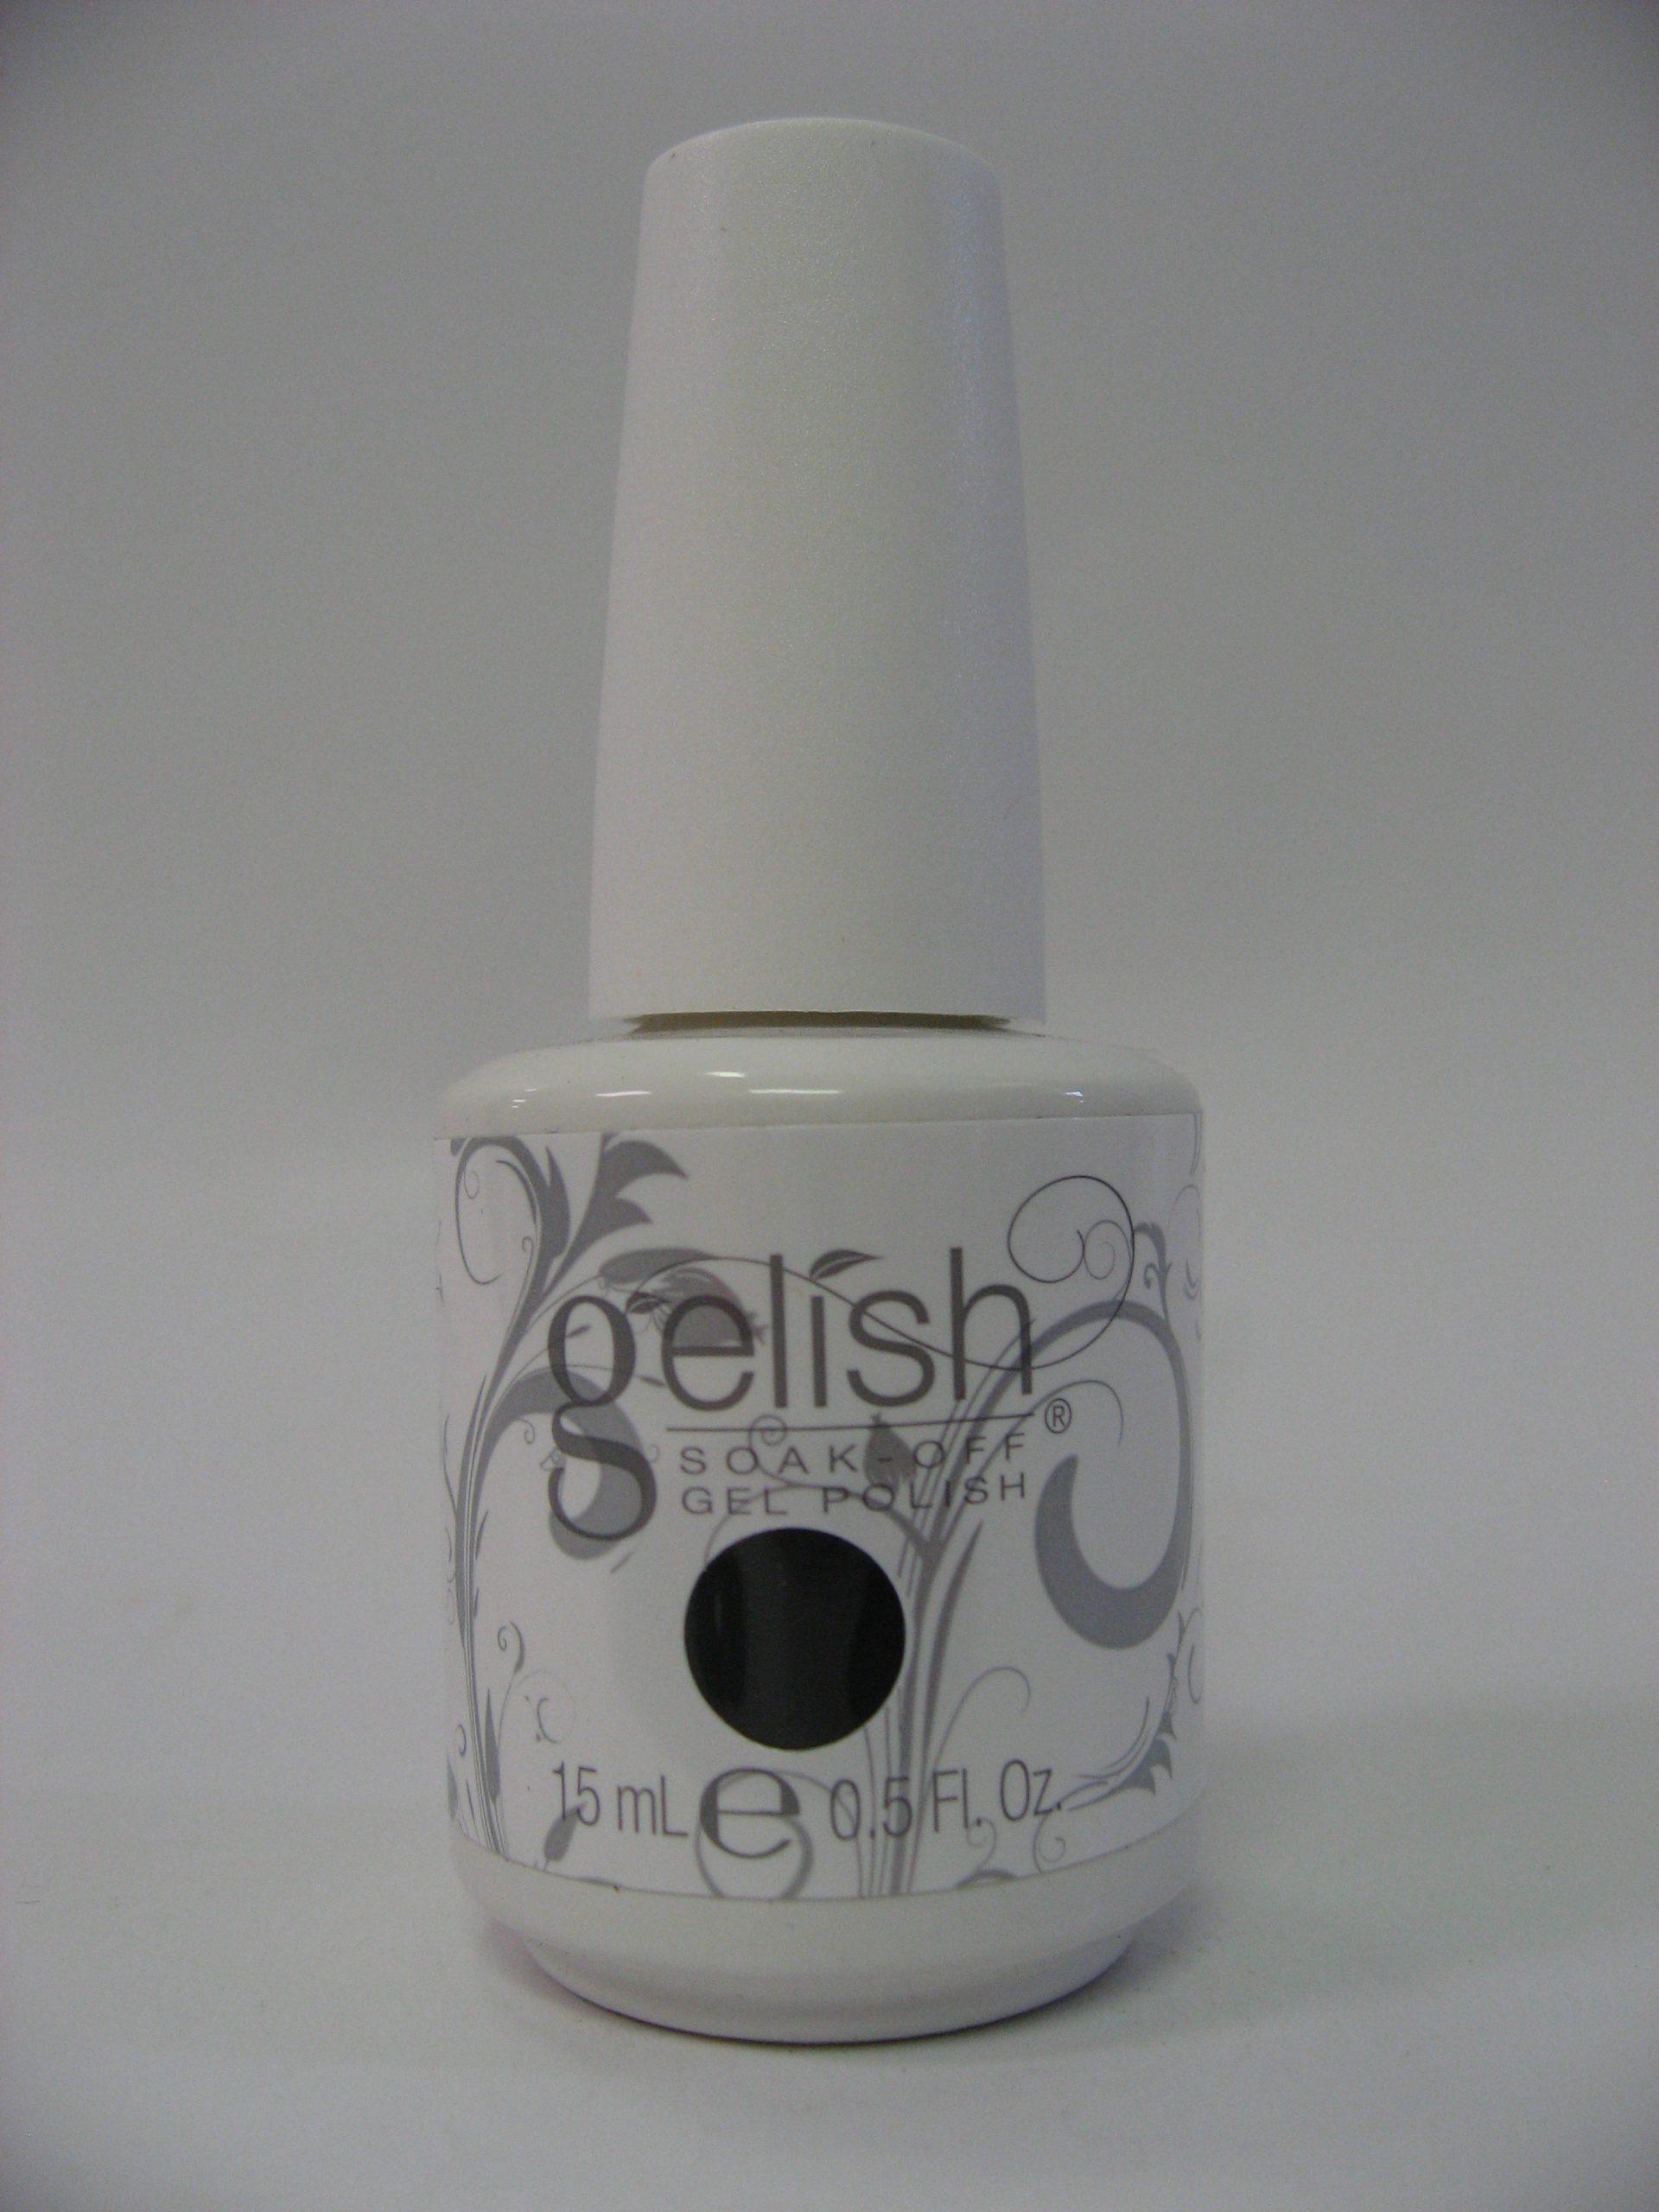 Gelish Soak Off Gel Polish - 1348 - Black Shadow